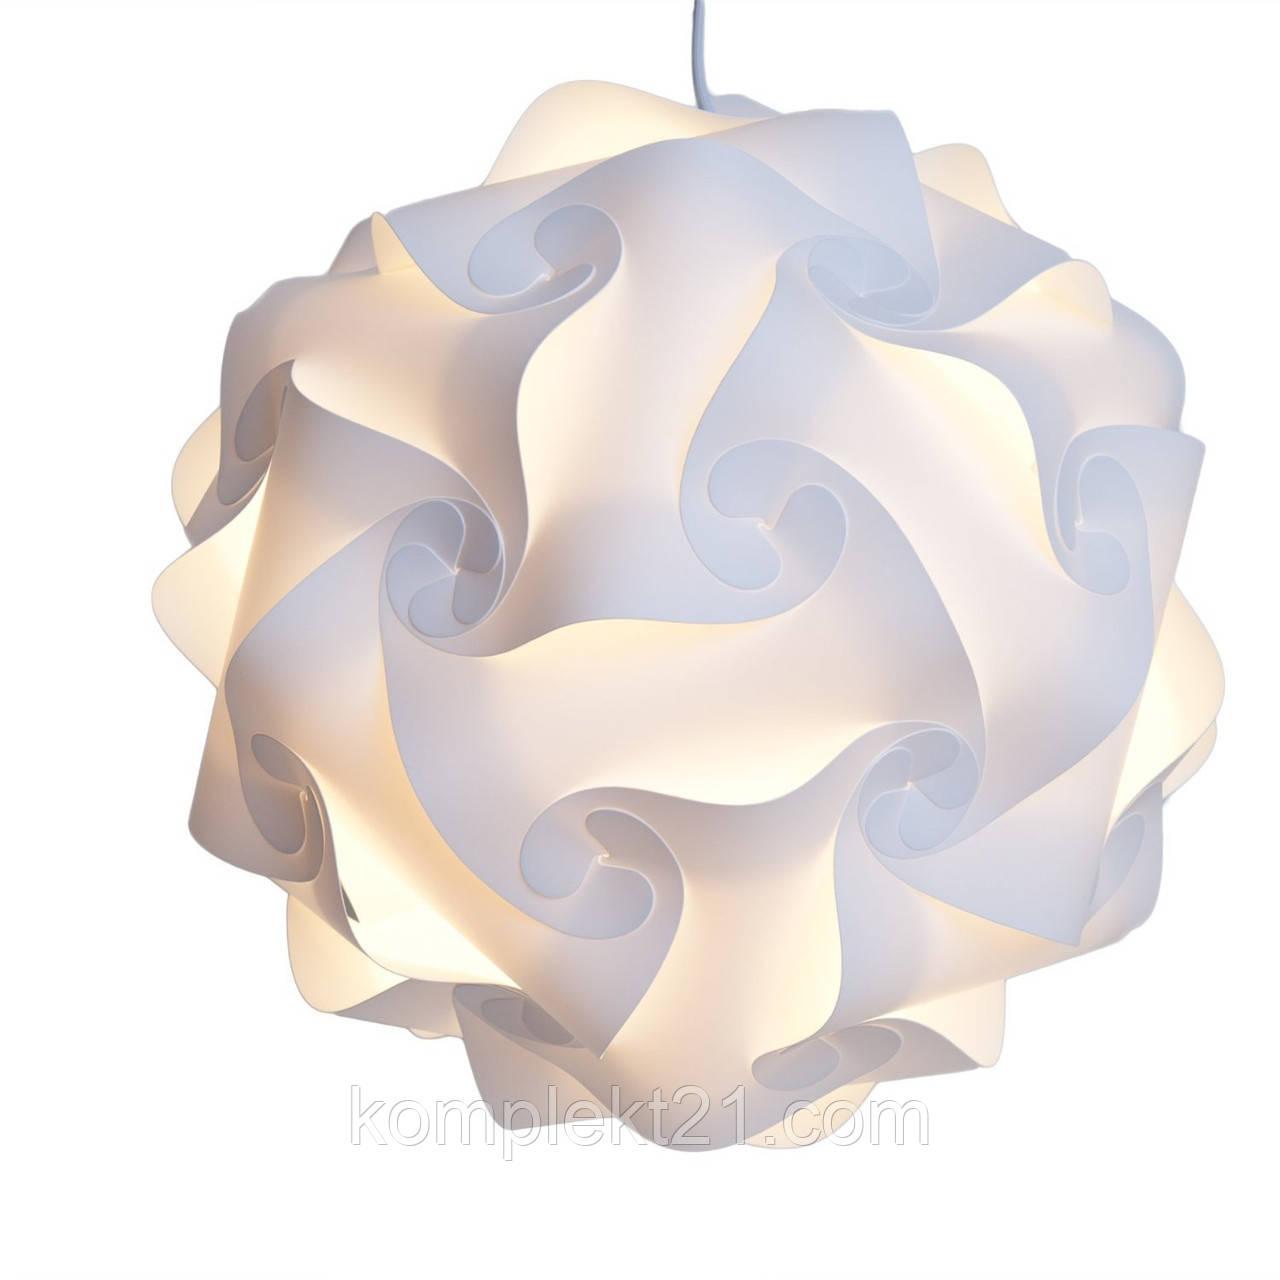 Плафон, плафоны для светильников и люстр (15см)